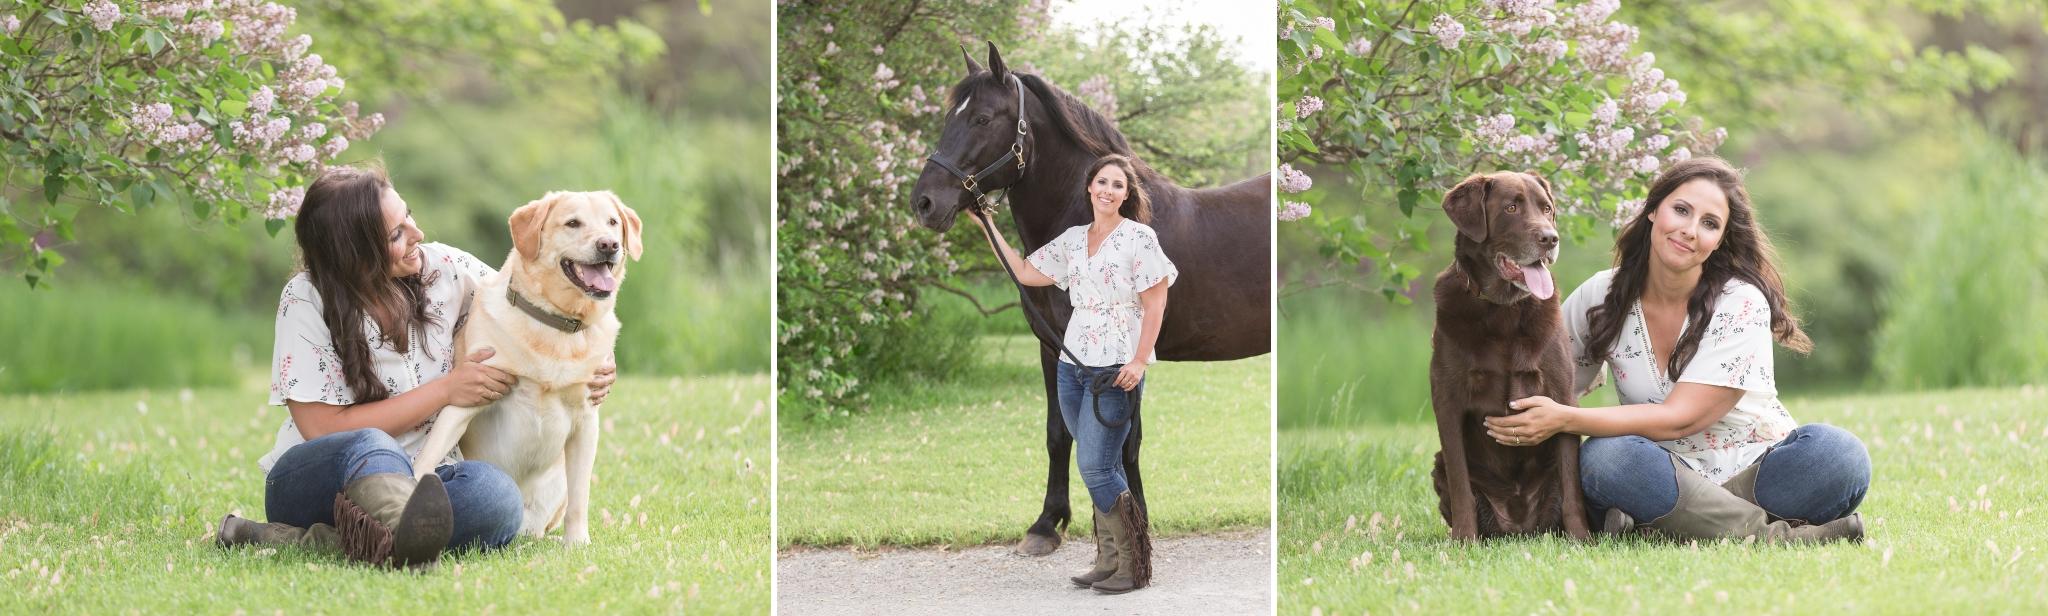 Wisconsin, Minnesota, Iowa, Illinois, Michigan Equine Photographer